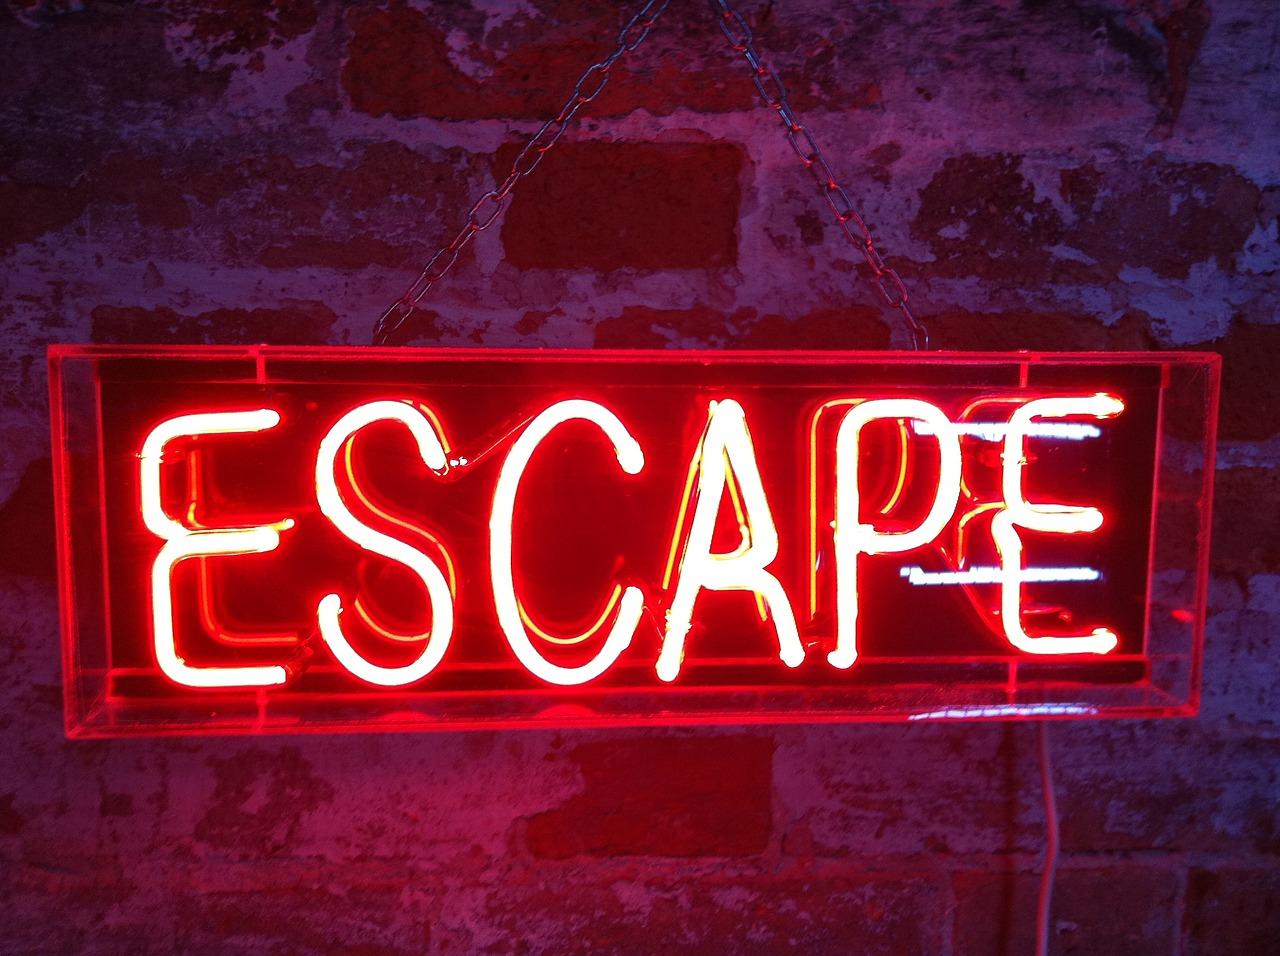 ¿Qué es una sala de escape, cómo se juega y por qué tienen éxito?